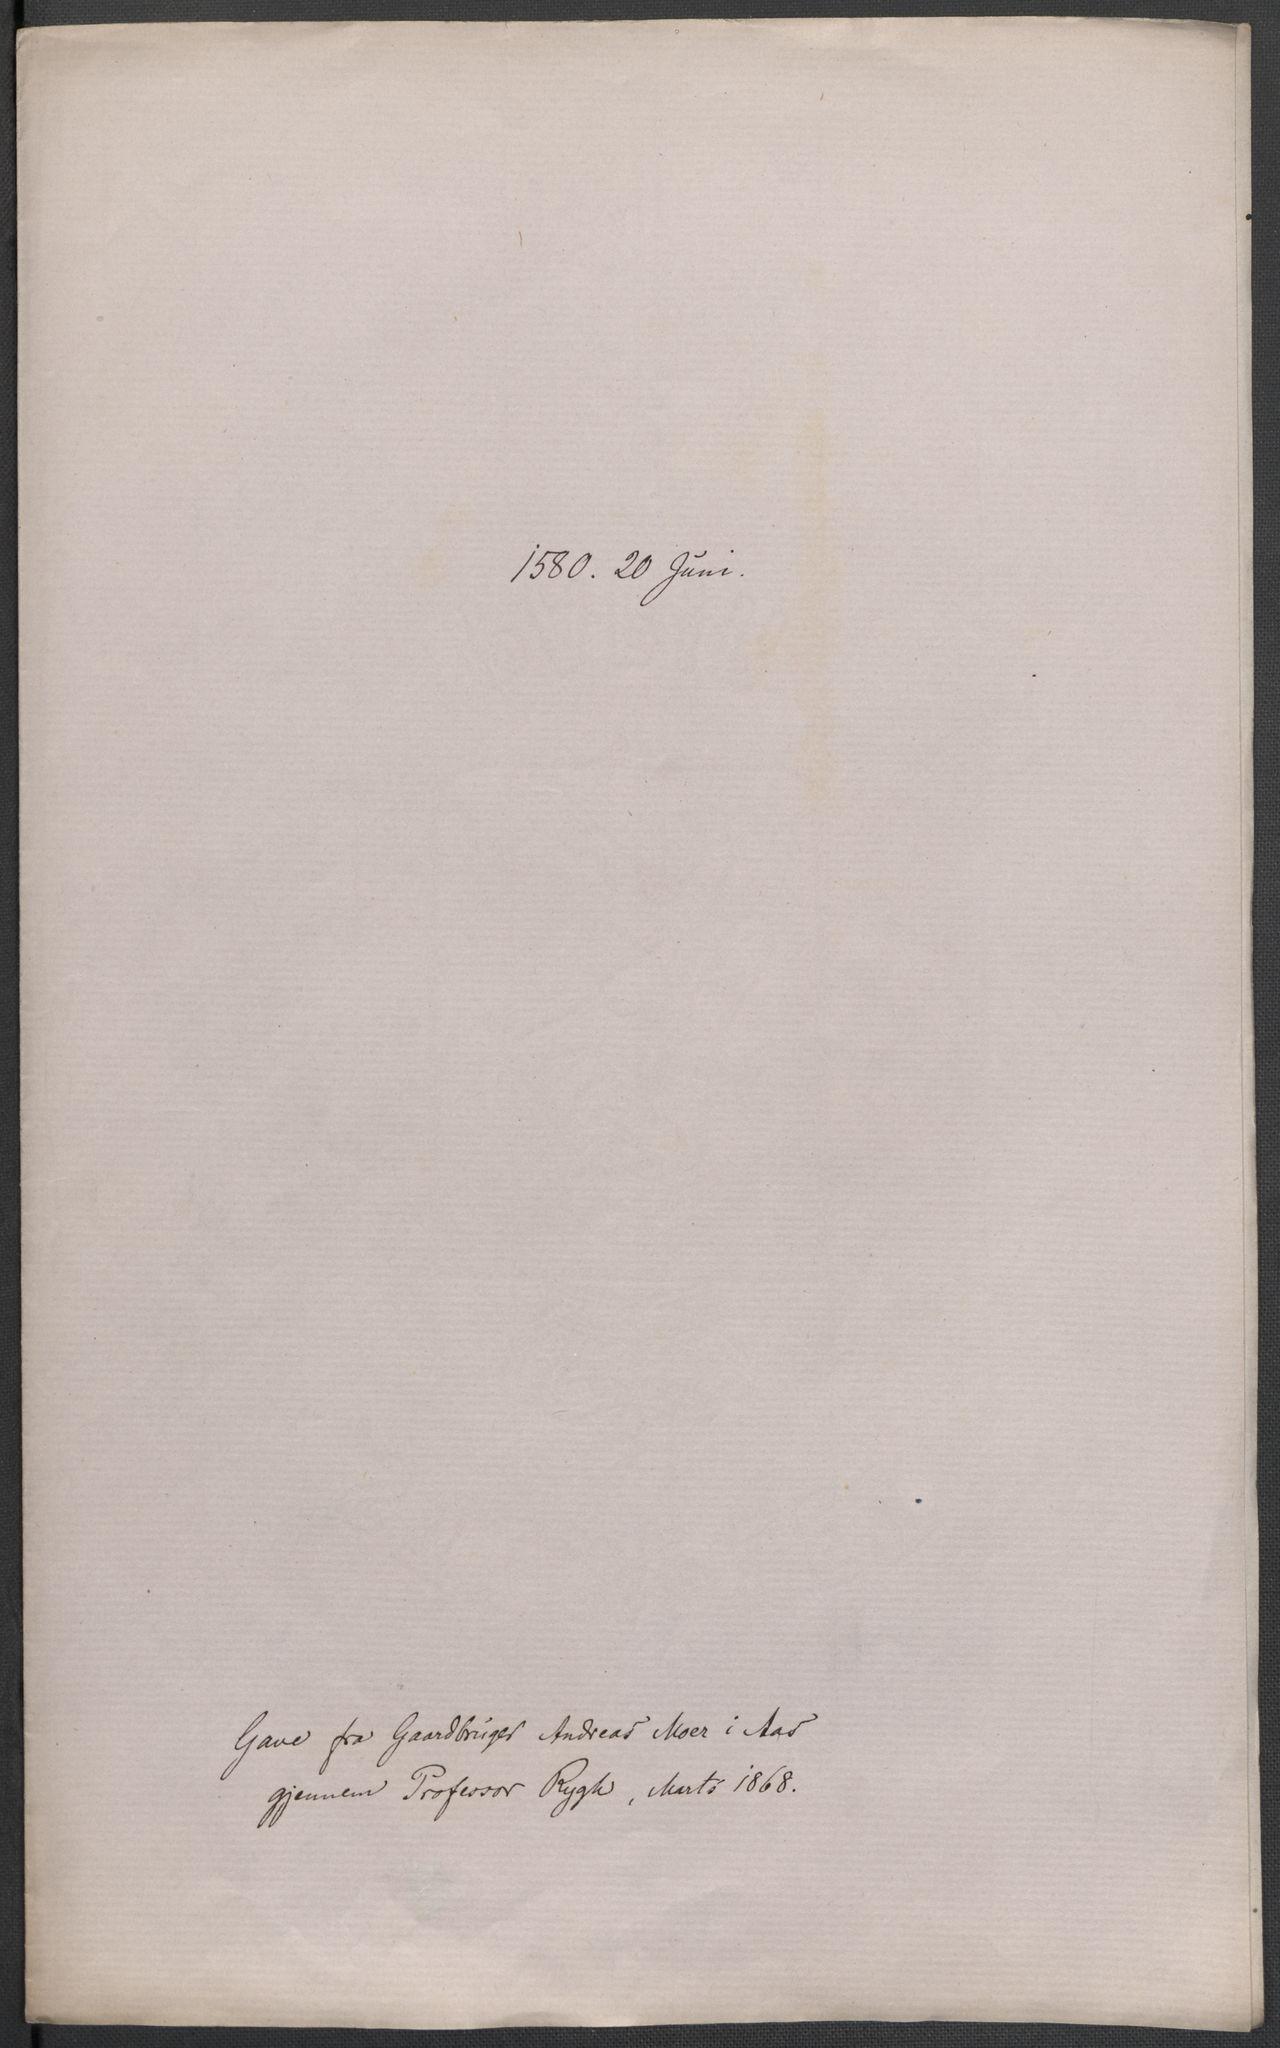 RA, Riksarkivets diplomsamling, F02/L0082: Dokumenter, 1580, s. 36